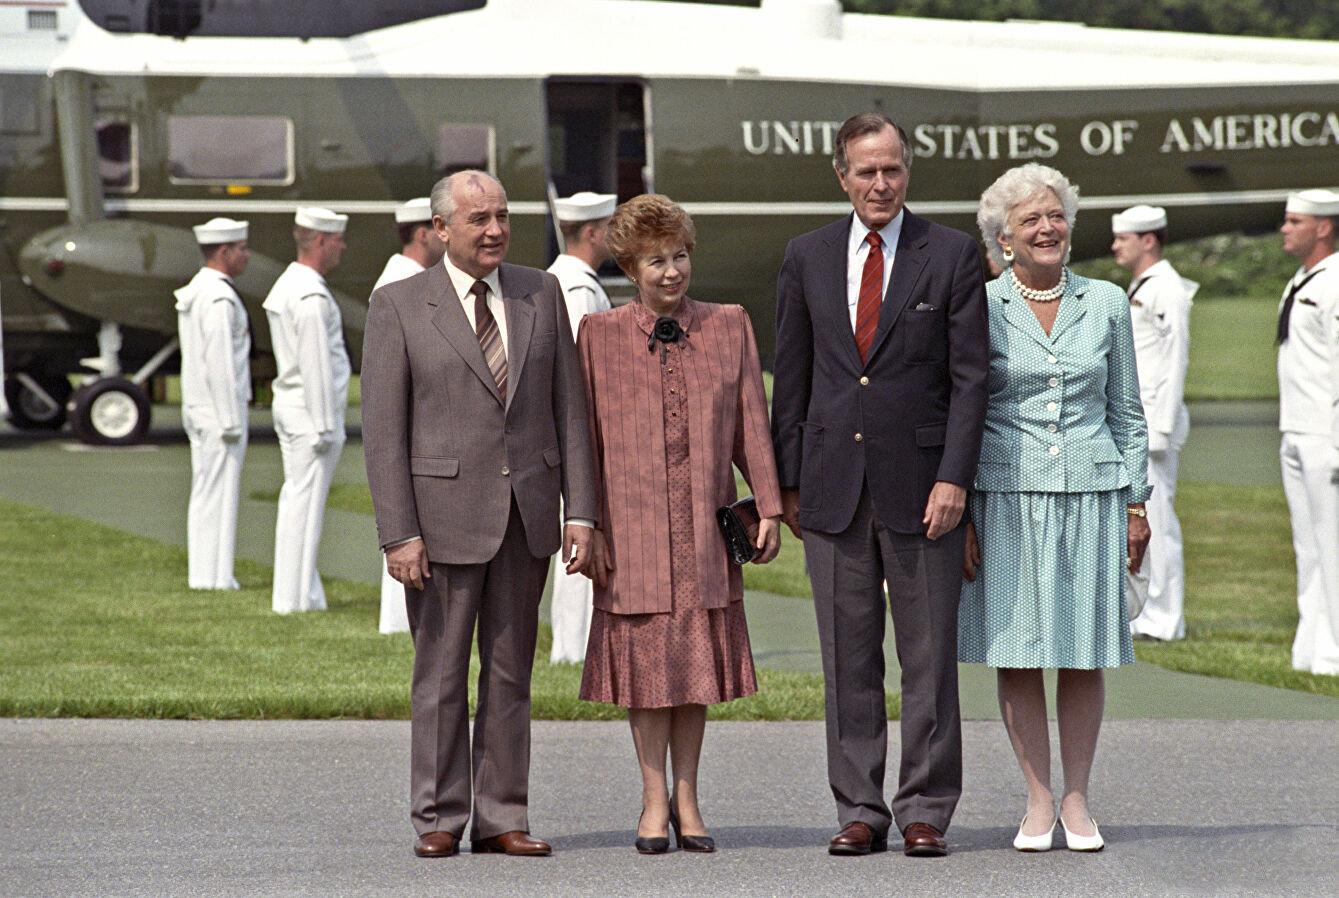 米哈伊爾·戈爾巴喬夫及夫人賴薩·馬克西莫夫娜與喬治·布什及夫人芭芭拉在美國總統位於戴維營的郊區官邸